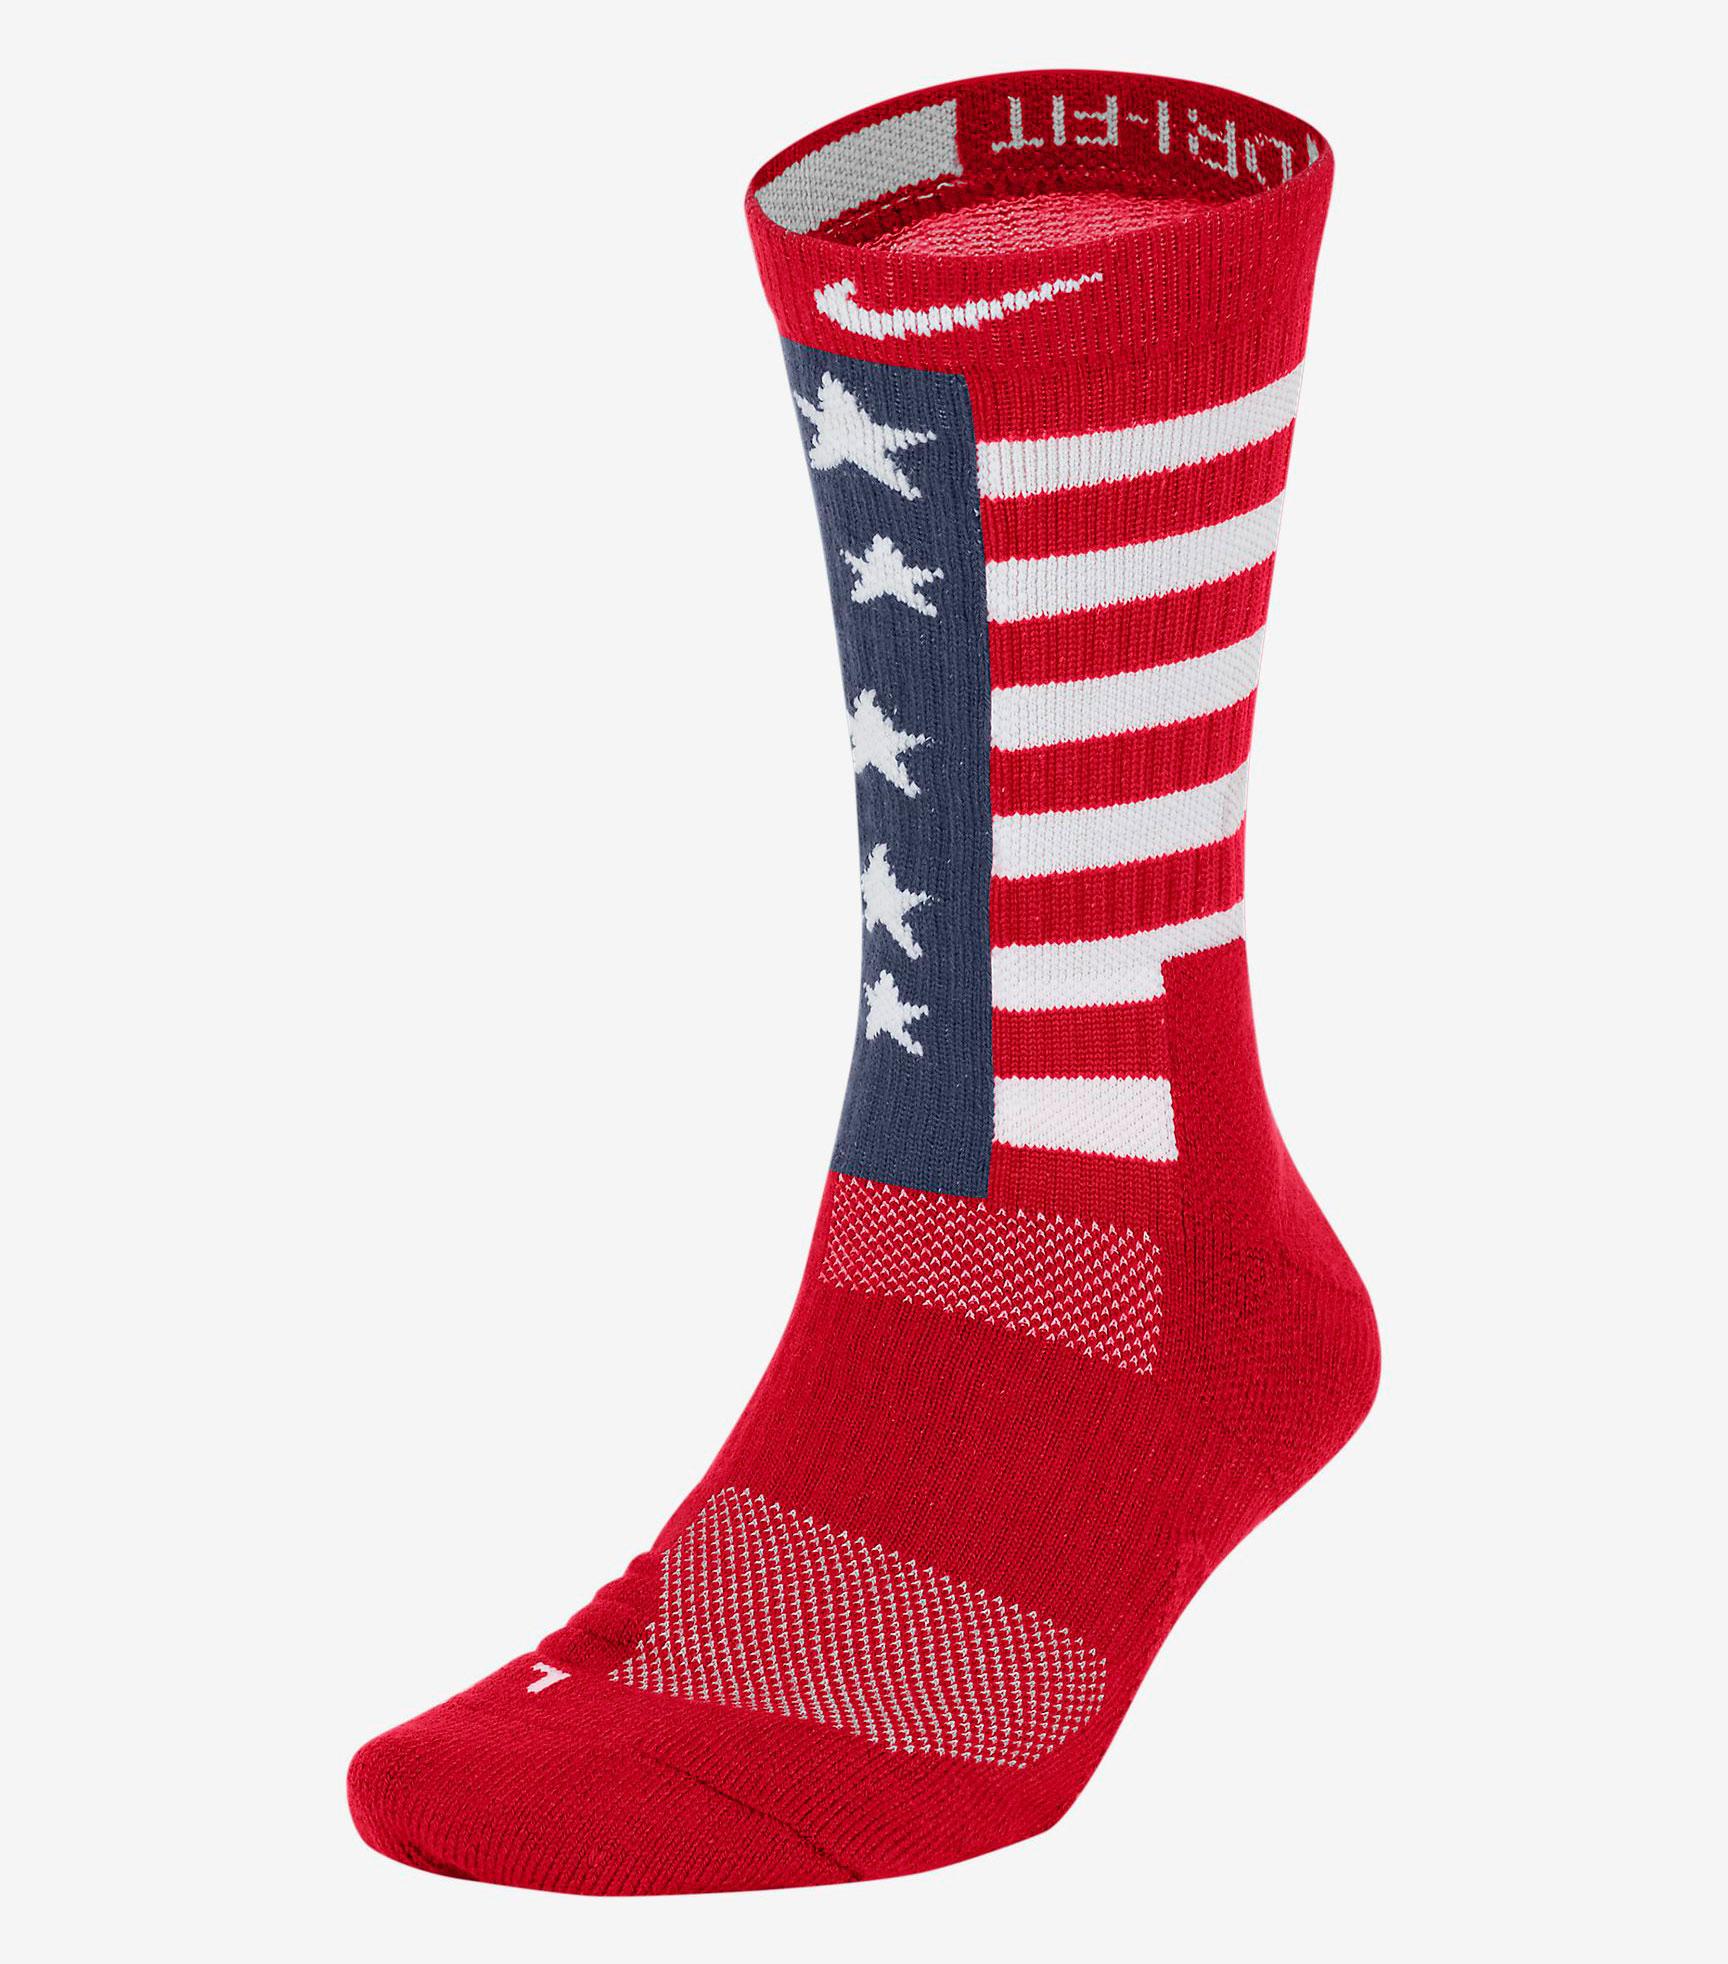 nike-usa-basketball-socks-2